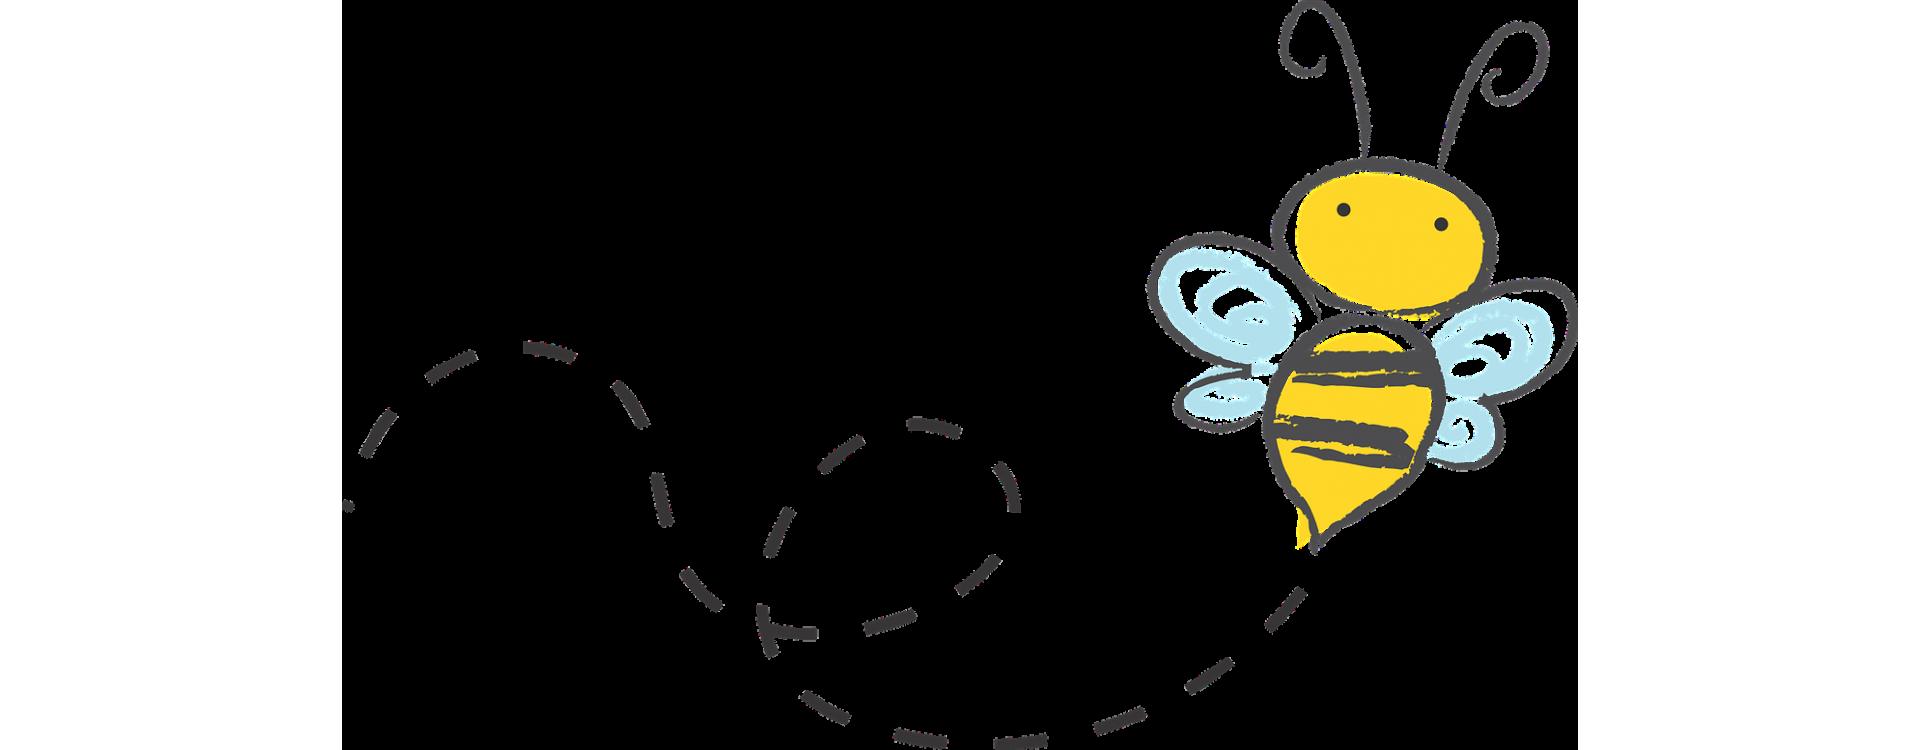 Best selling beekeeper scale. Beehive monitoring tools..